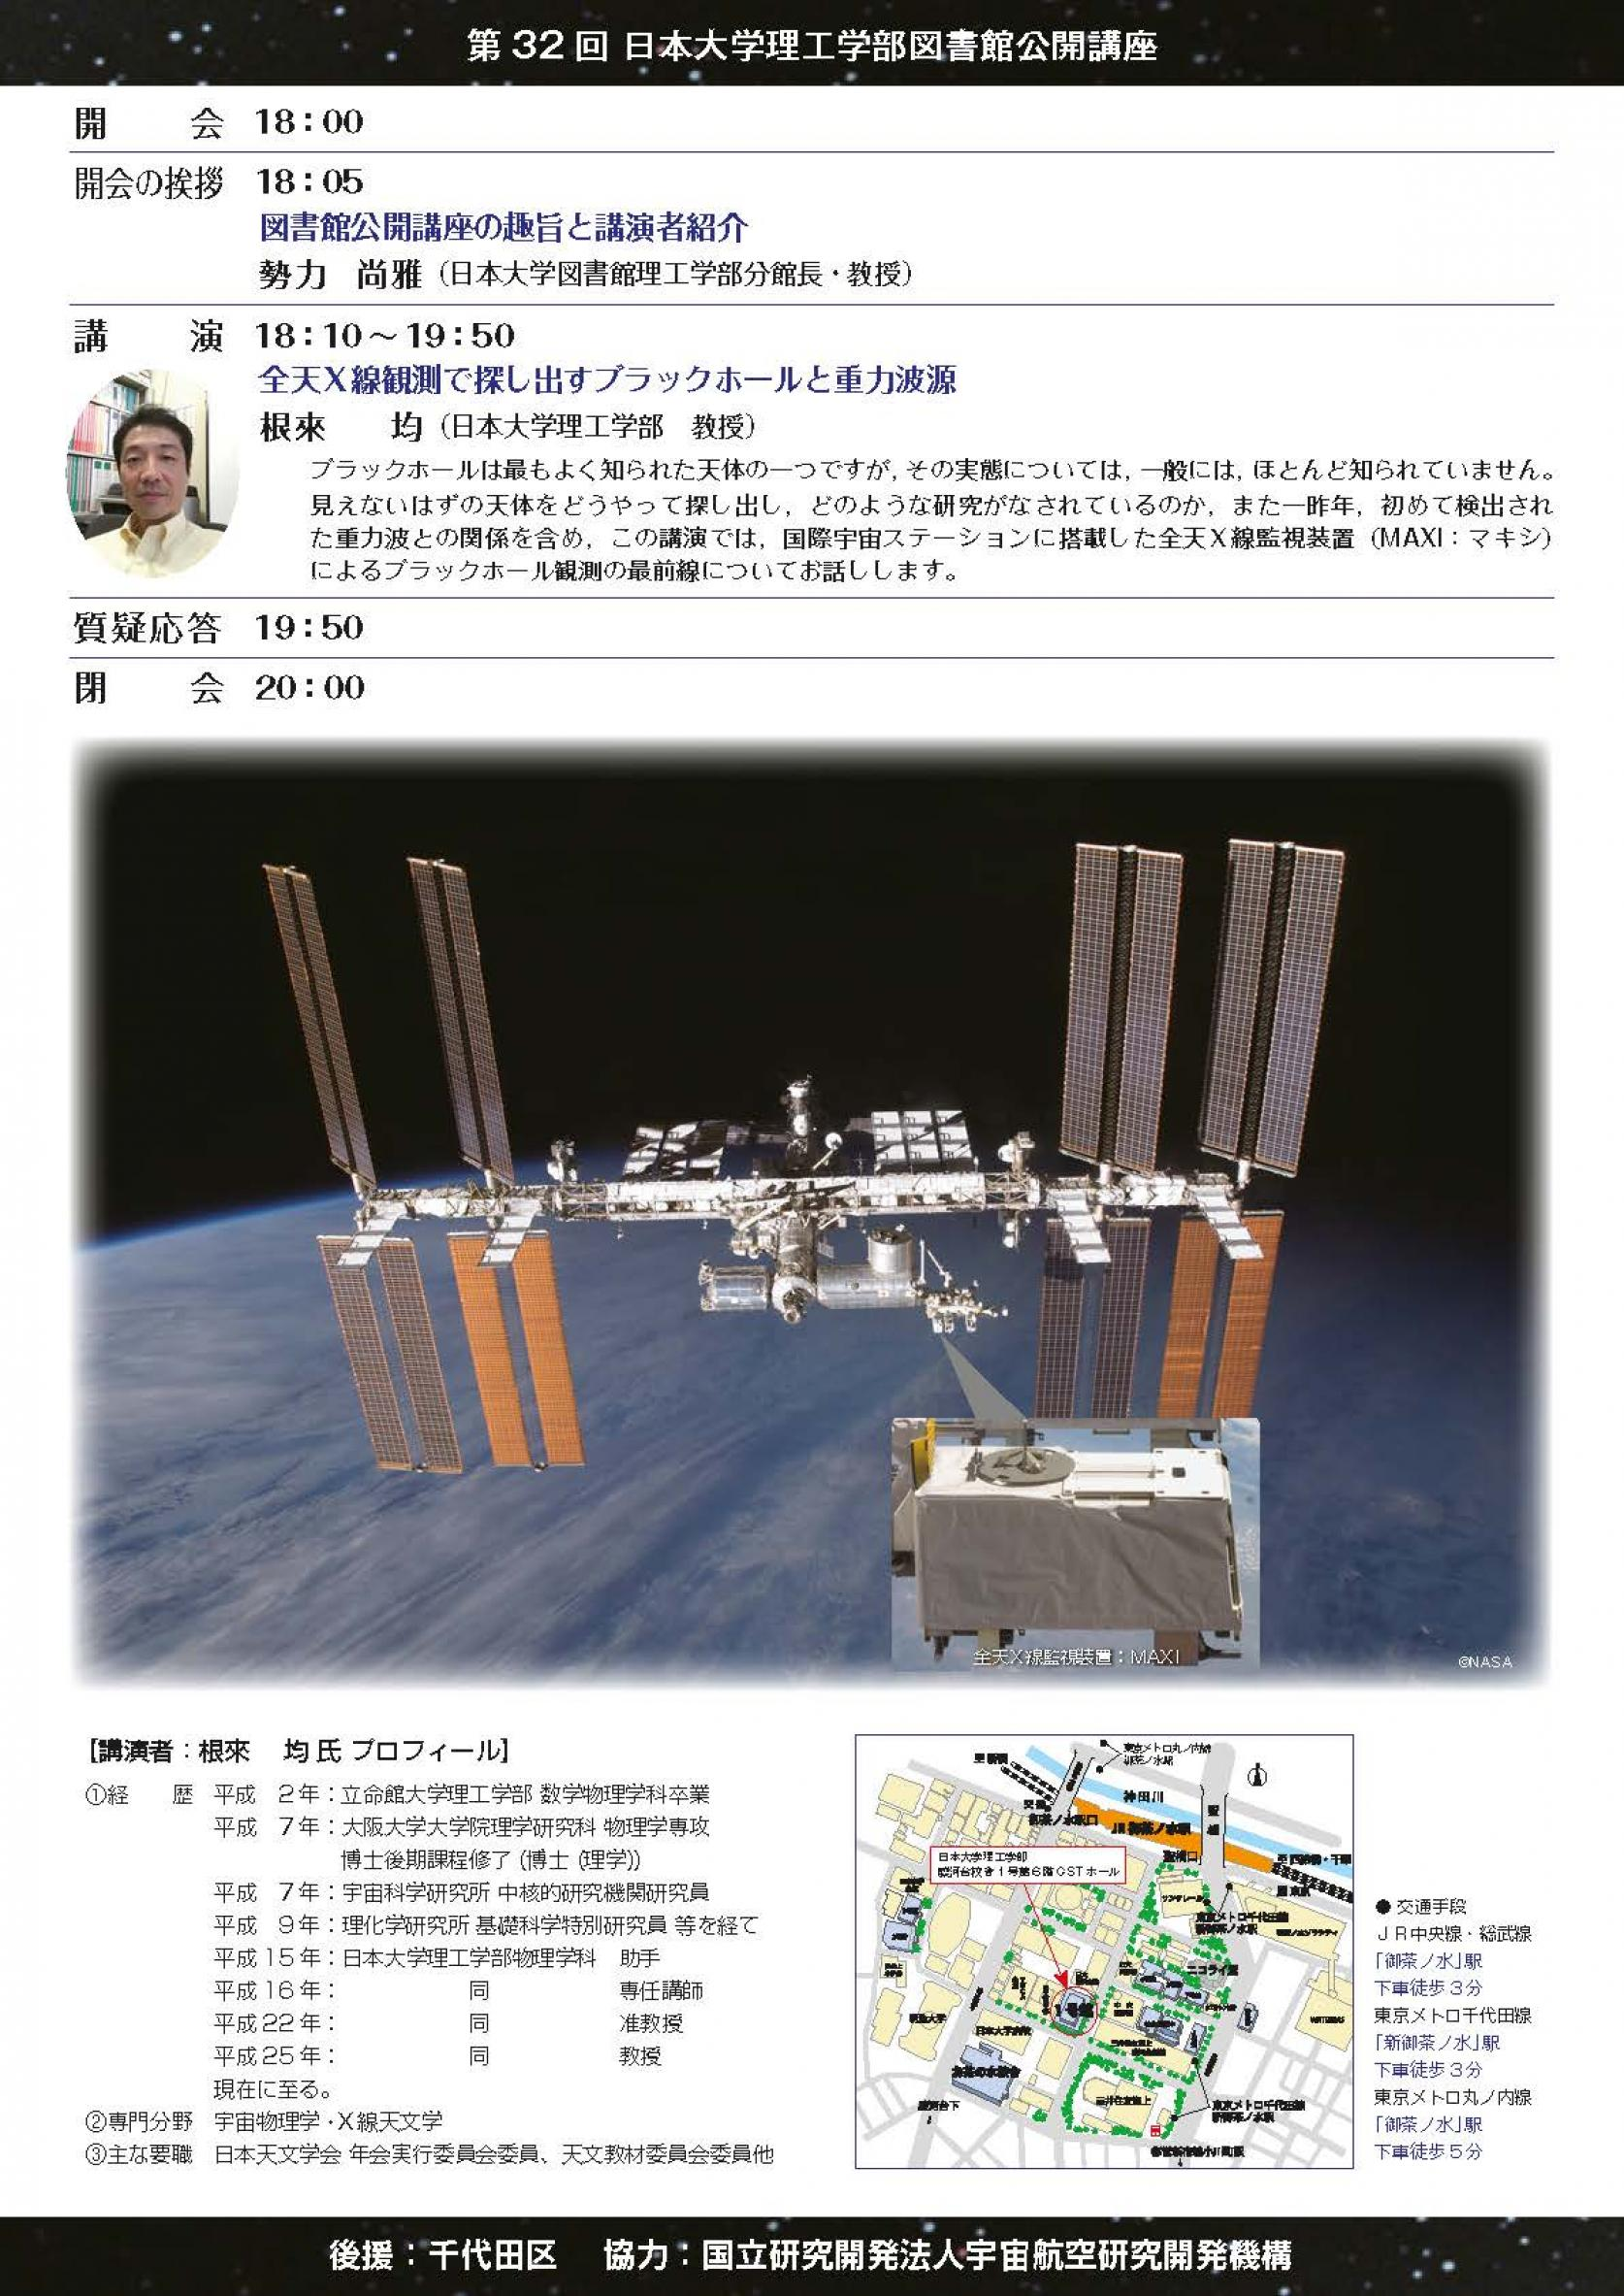 第32回日本大学理工学部図書館公開講座 「全天X線観測で探し出すブラックホールと重力波源」開催のお知らせ